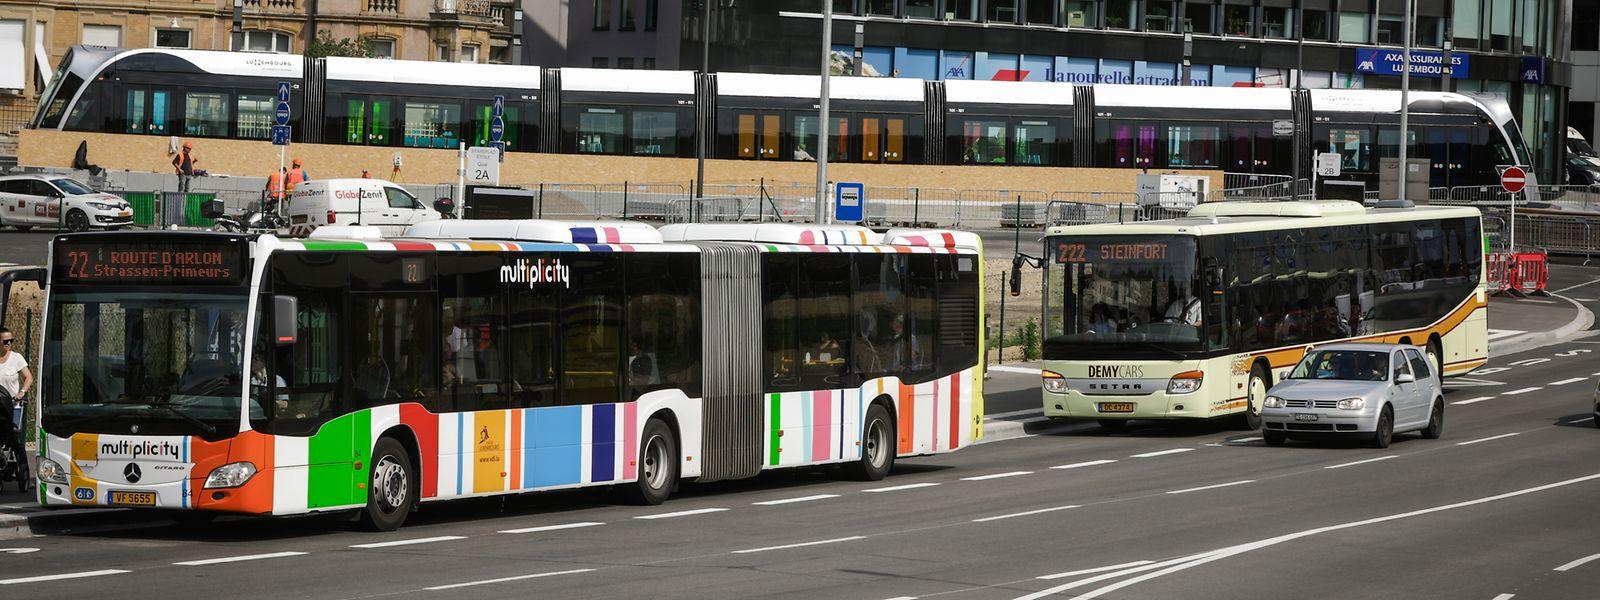 Auf der Stäreplaz können RGTR-Passagiere auf die Tram Richtung Kirchberg sowie auf städtische Buslinien in Richtung Hauptbahnhof umsteigen. Bis 2020 soll die Straßenbahn von dort aus auch bis zu Gare centrale fahren.